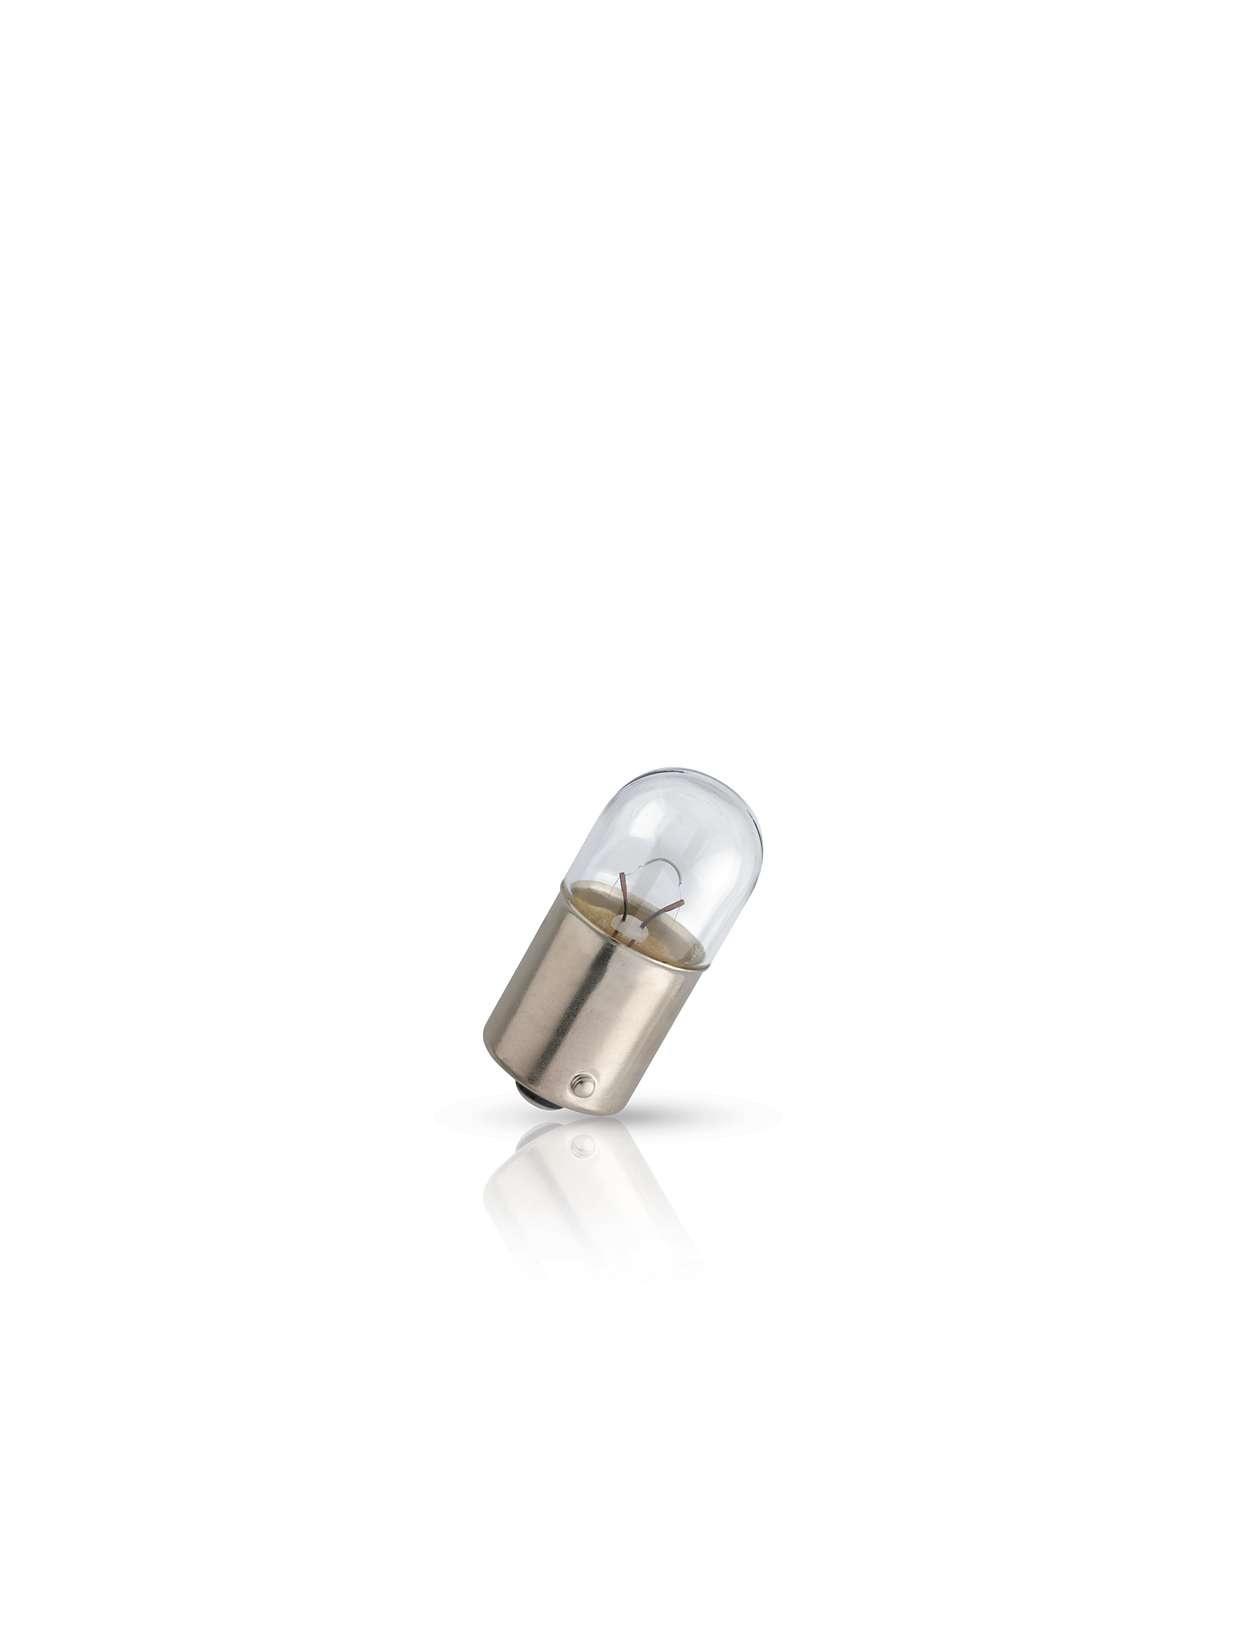 Лампа автомобильная Philips 12821b2 бл